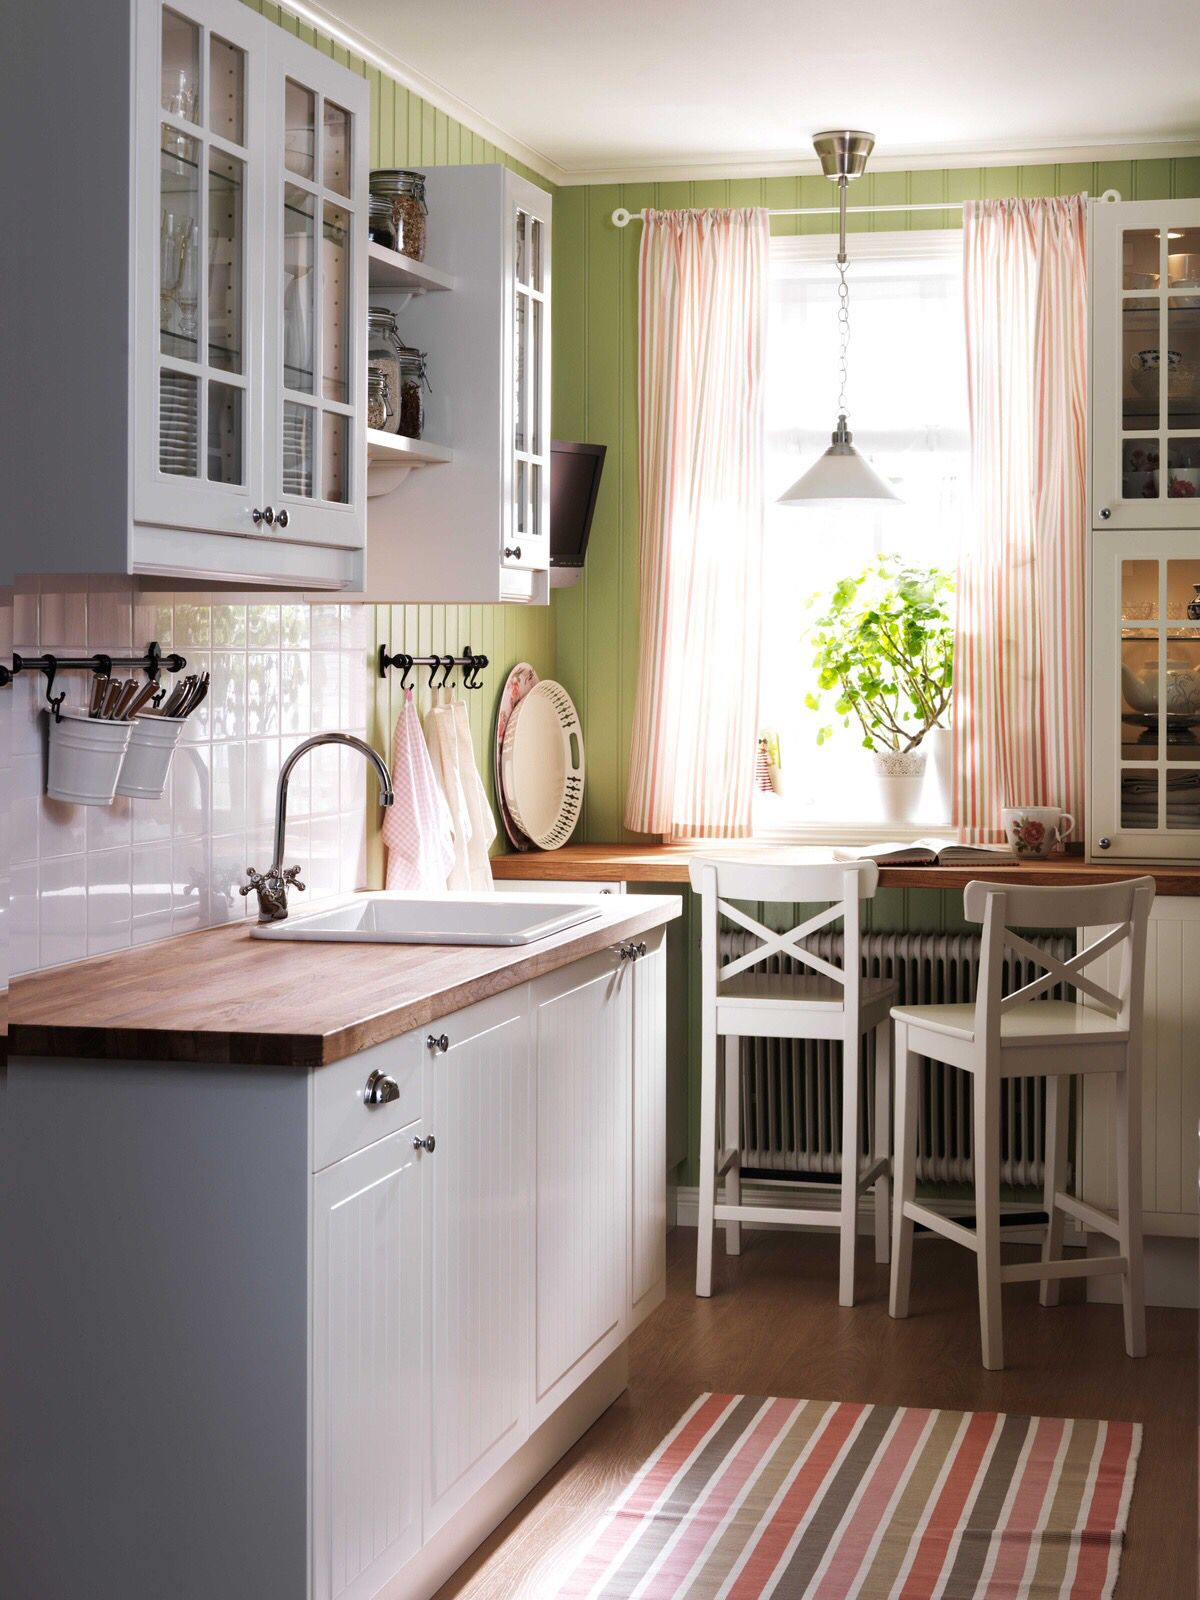 Tagliere Per Piano Cucina idea di steffen descovich su schrank | progetti di cucine